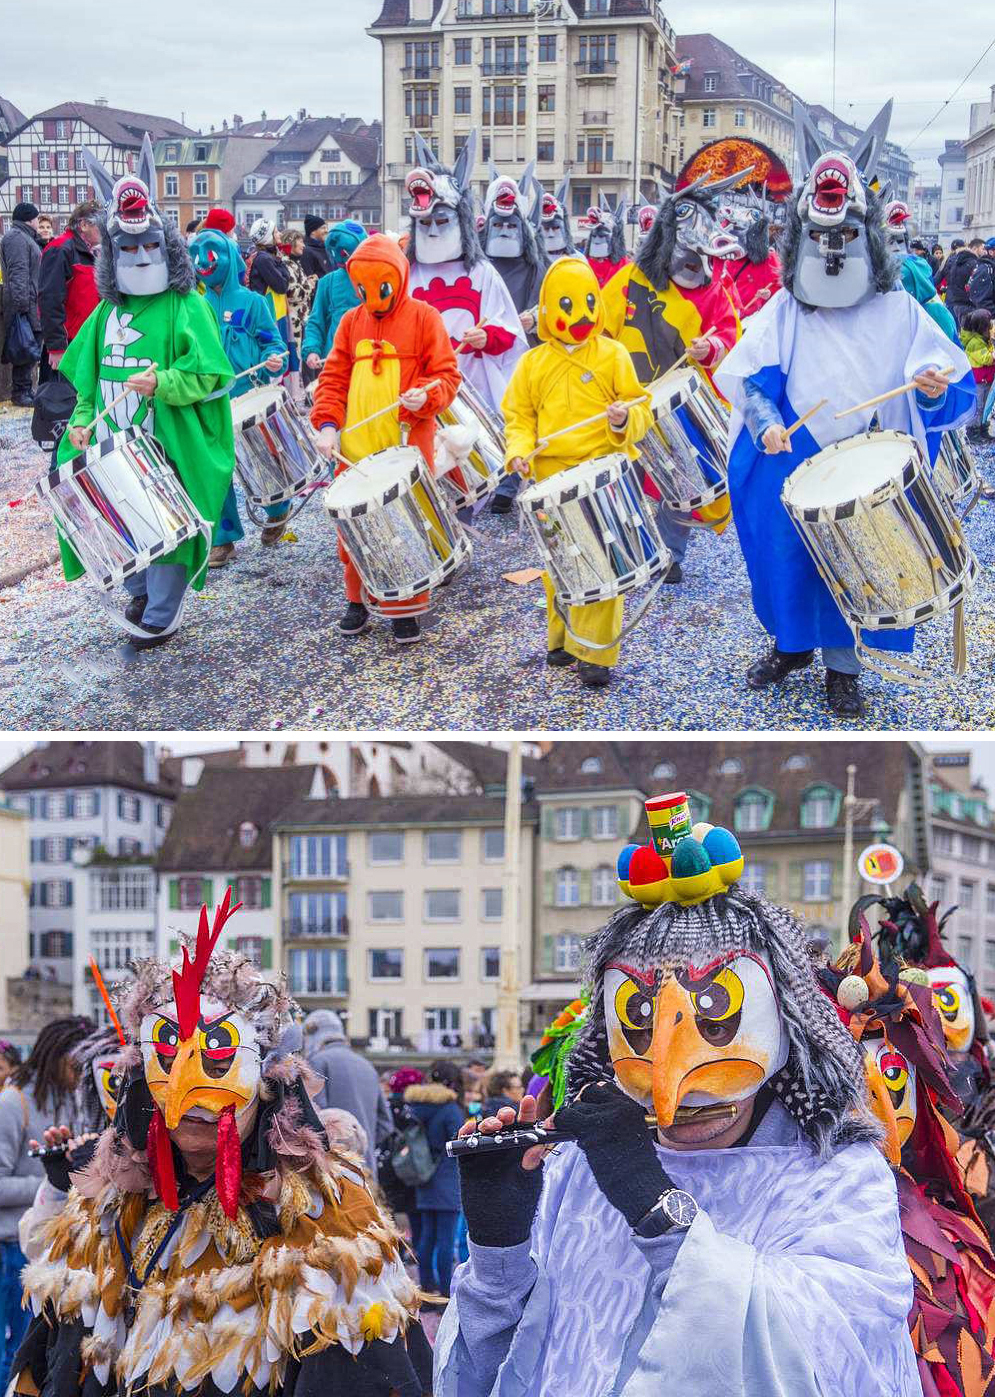 瑞士巴塞尔狂欢节20万人连续3昼夜狂欢走街串巷尽情享受